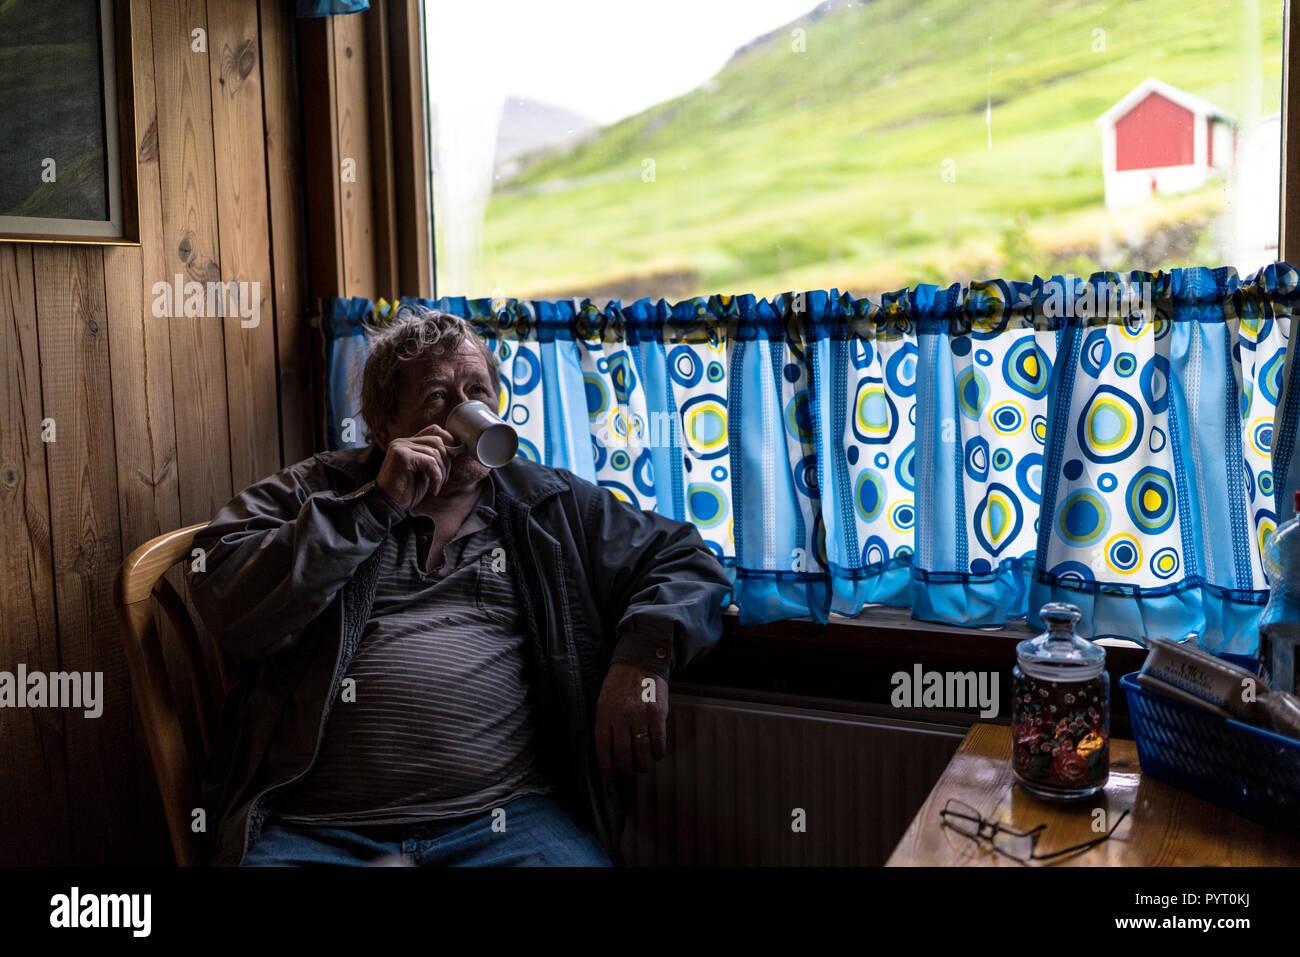 L uomo beve una tazza di the presso la casa, Funningur, Eysturoy isola, isole Faerøer, Danimarca Immagini Stock